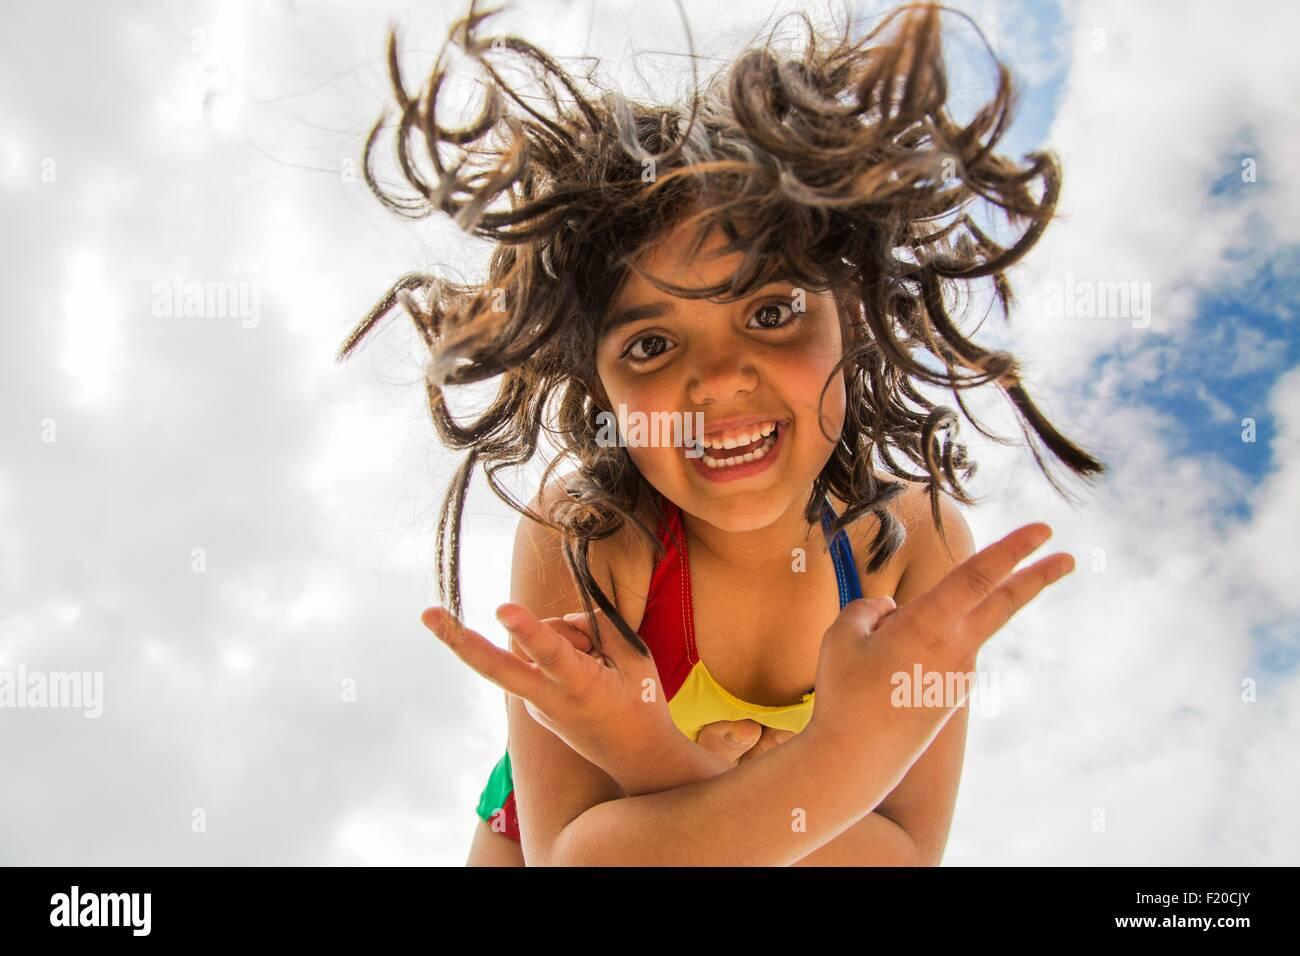 Niedrigen Winkel Porträt eines Mädchens mit langen lockigen Haaren auf Someones Fuß balancieren Stockbild